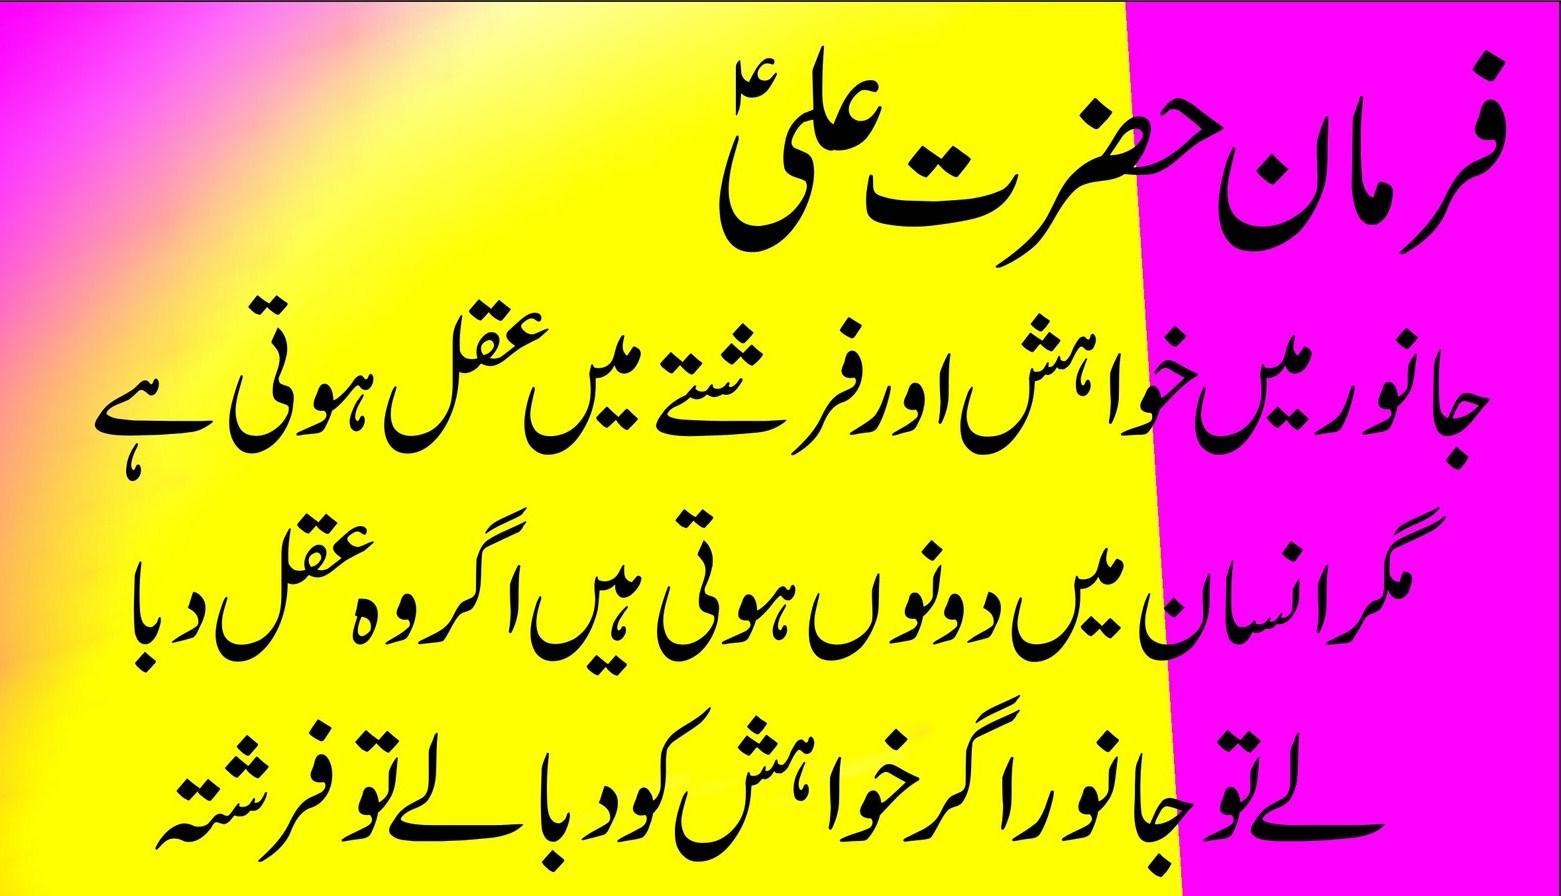 Hazrat Ali (AS) Saying in Urdu   MAULA ALI (as)